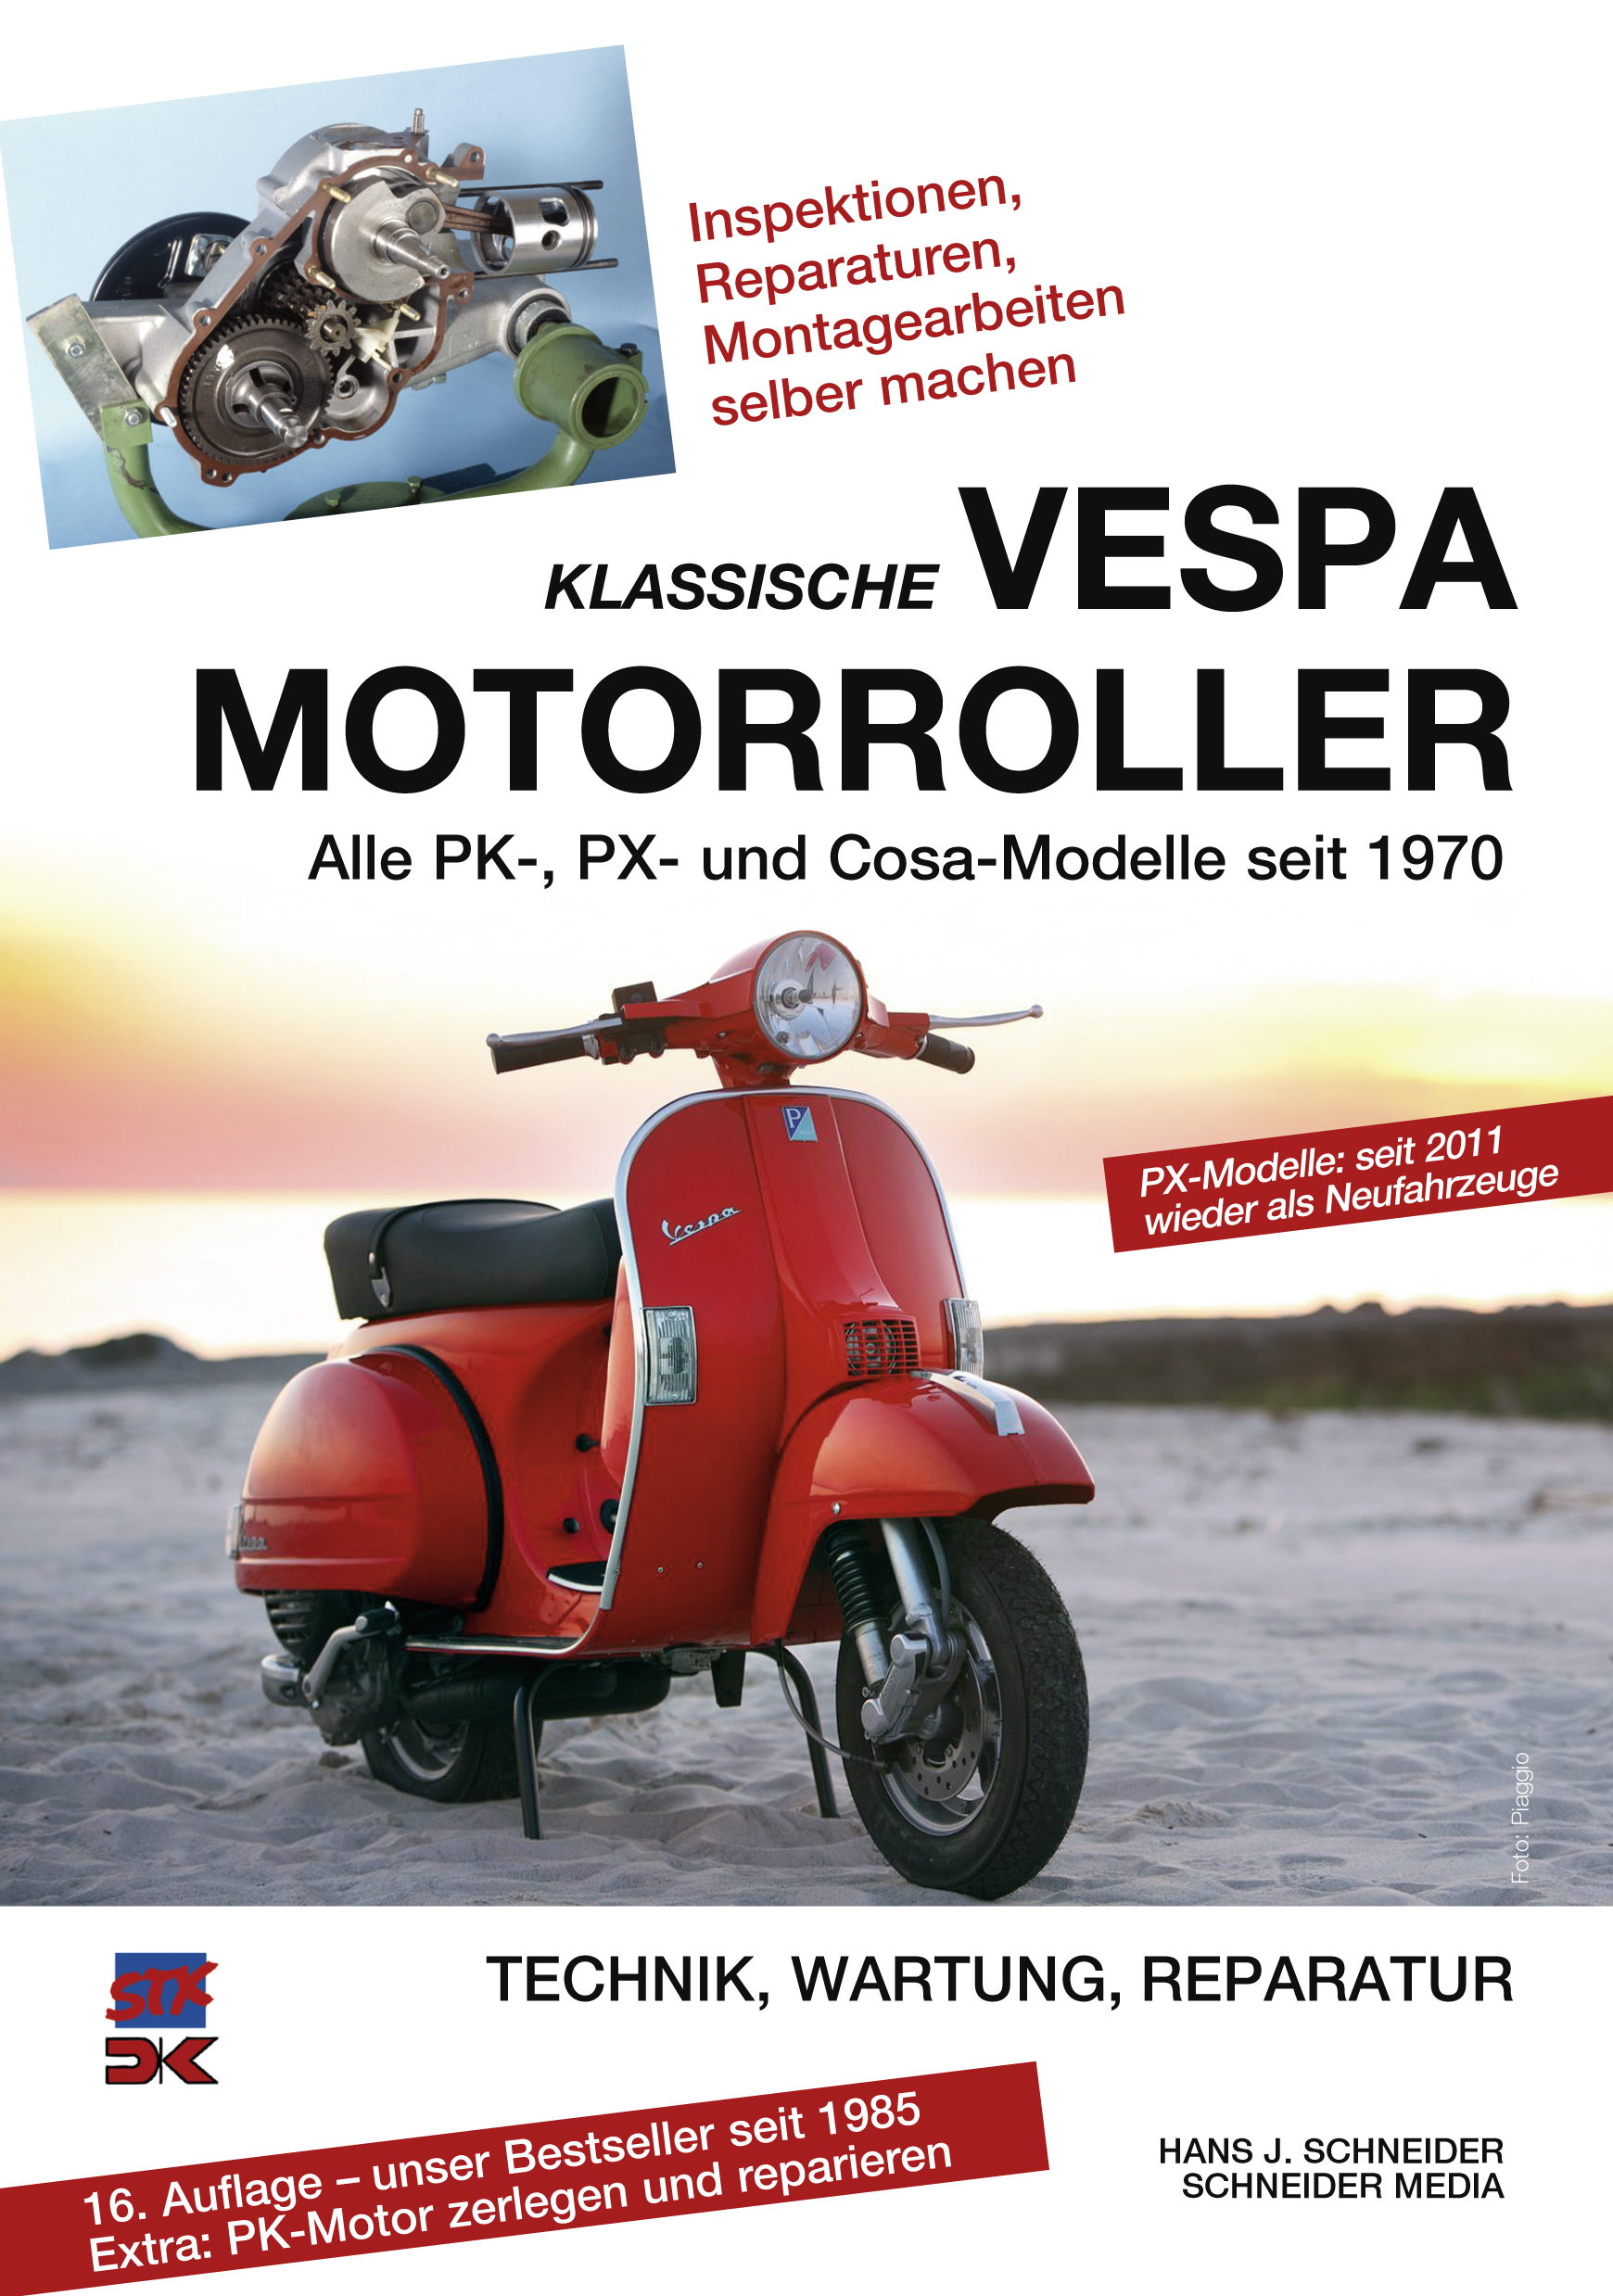 Klassische Vespa Motorroller: Alle PK-, PX- und Cosa-Modelle seit 1970 - Technik, Wartung, Reparatur - Hans J. Schneider